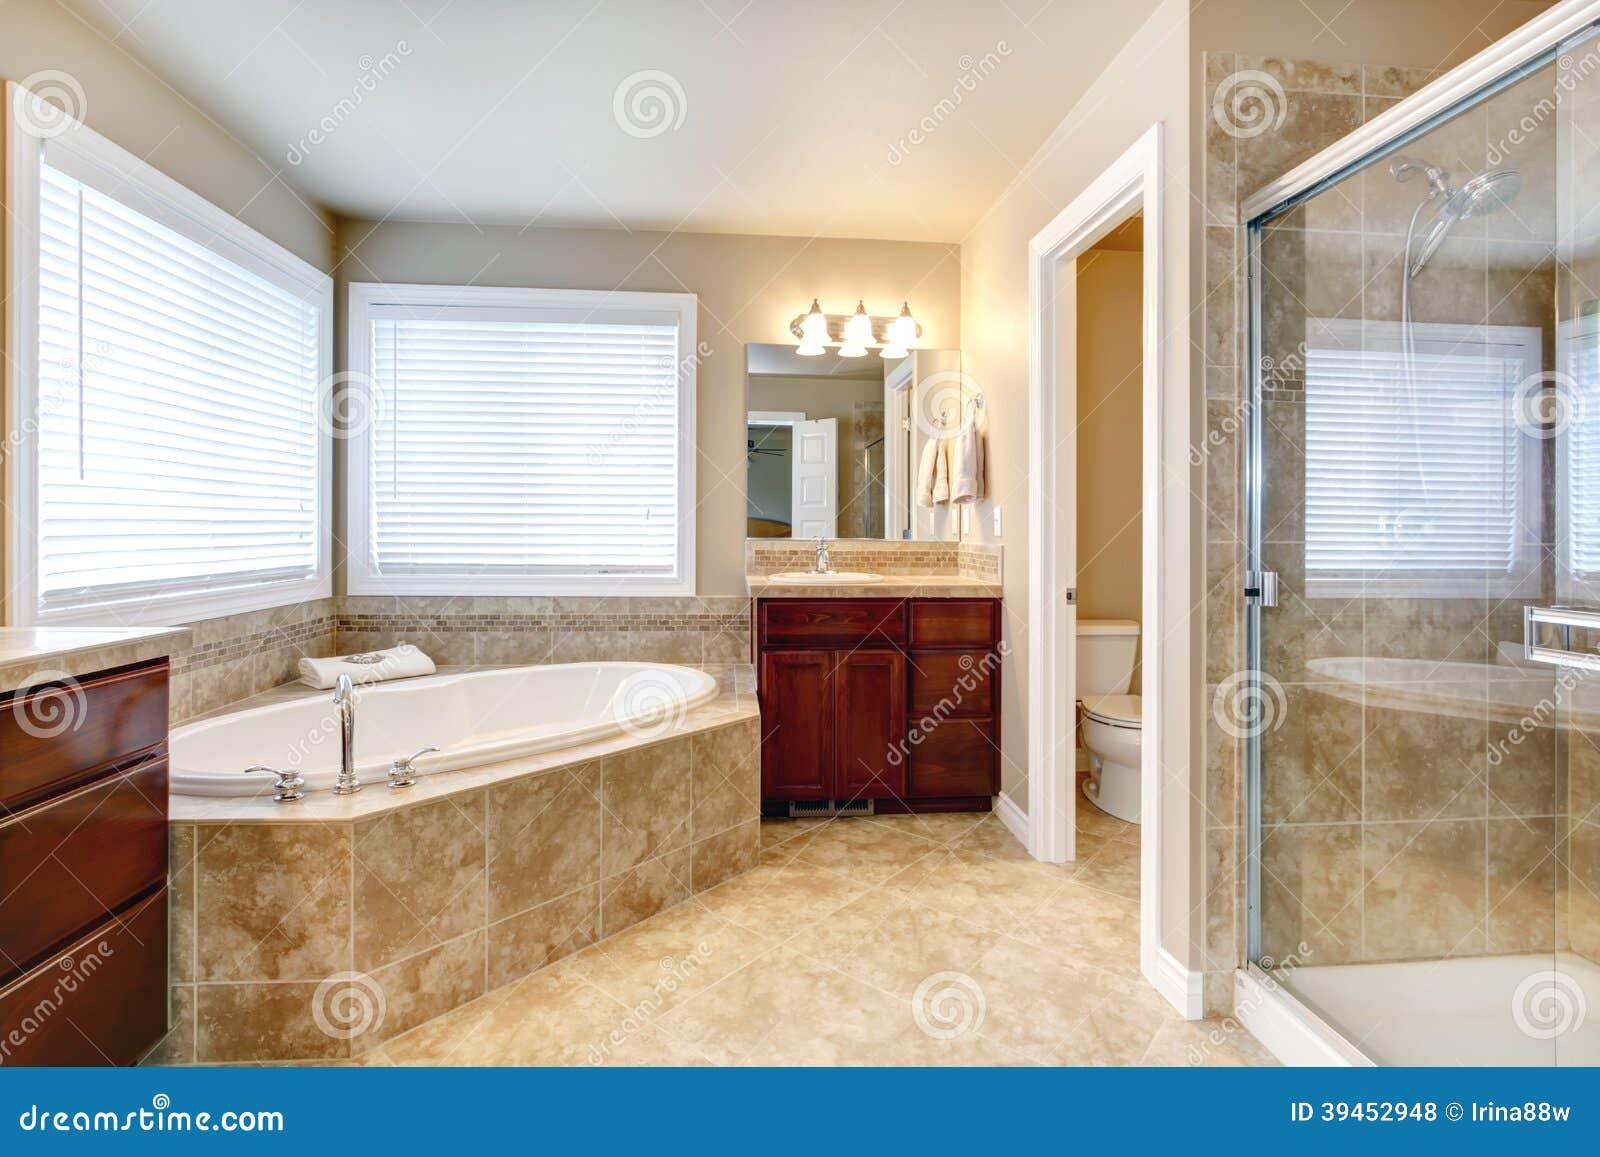 Cuarto de ba o moderno con la tina y la ducha redondas for Banos con tina y ducha